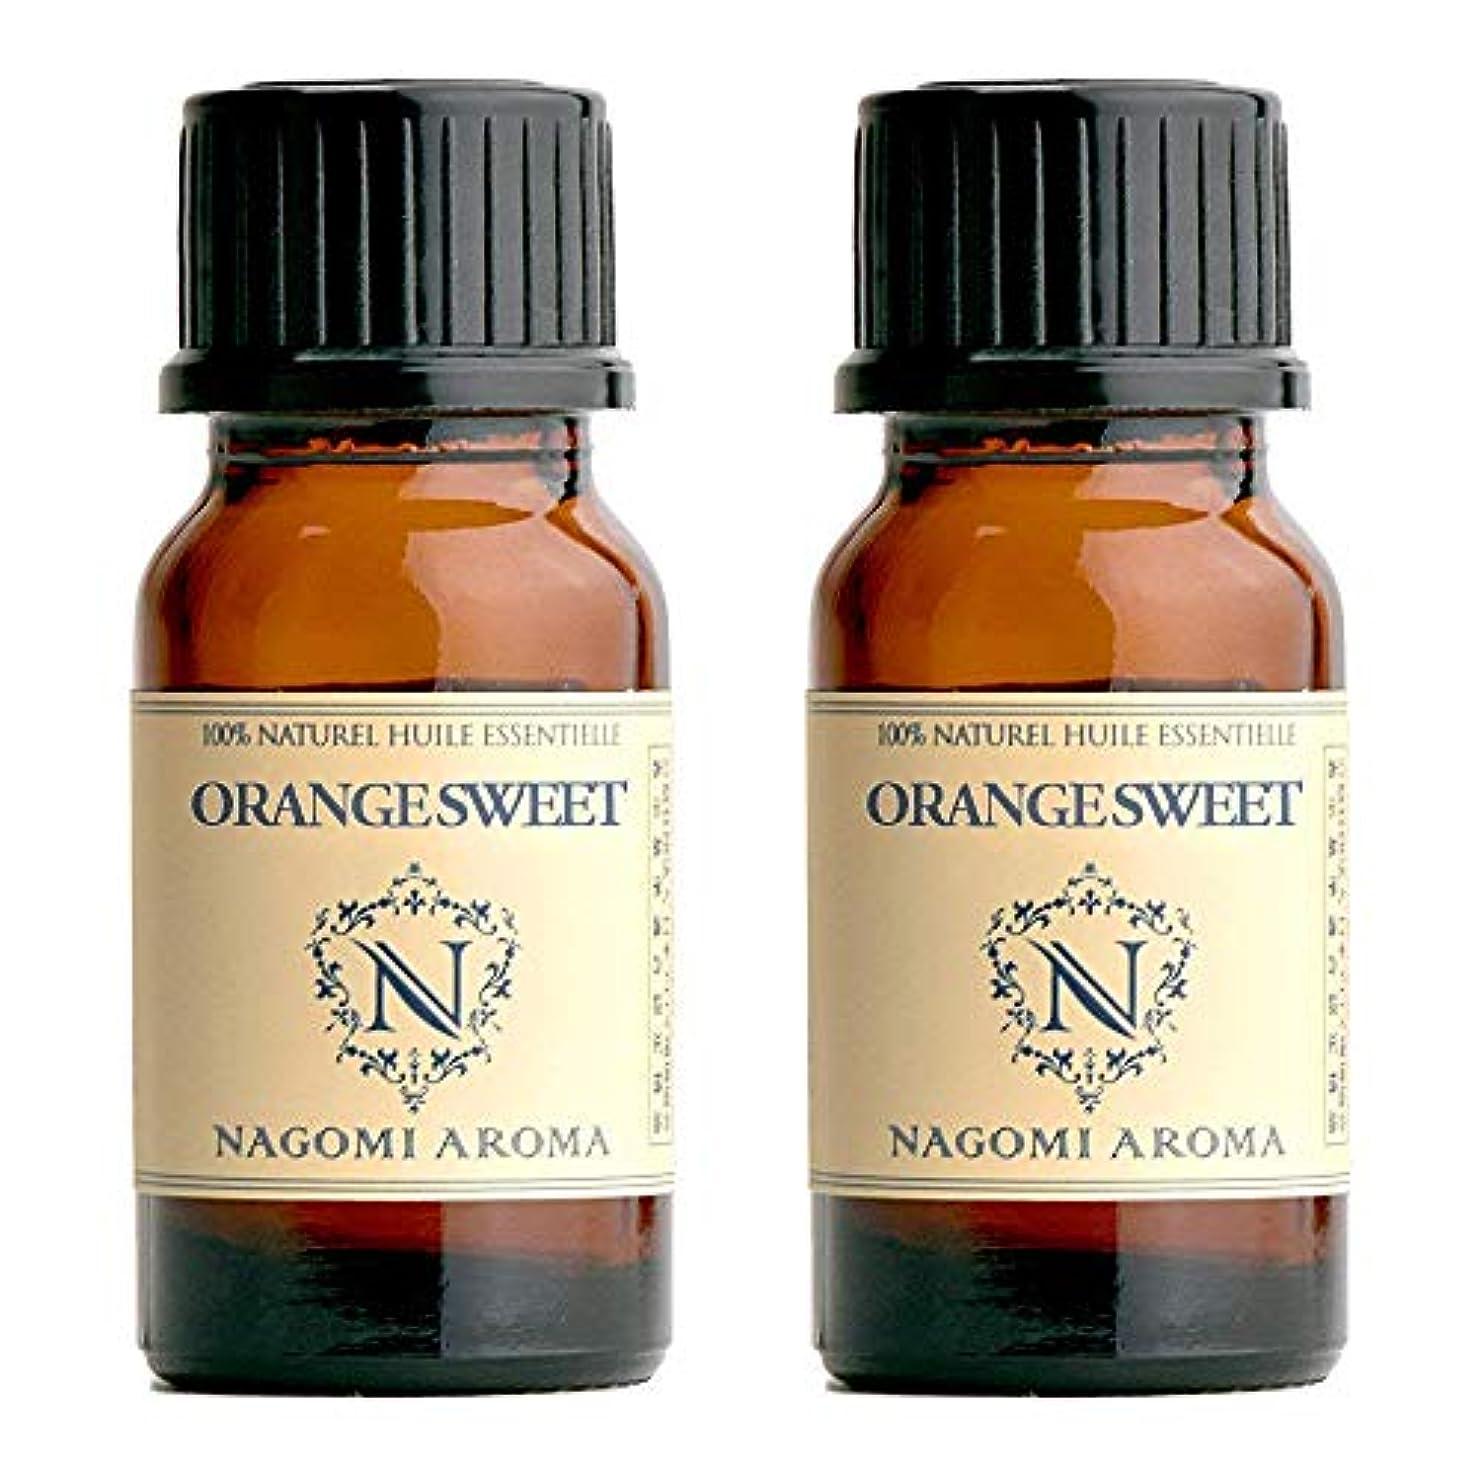 警告工場素晴らしいですNAGOMI AROMA オレンジ?スイート 10ml 【AEAJ認定精油】【アロマオイル】 2個セット